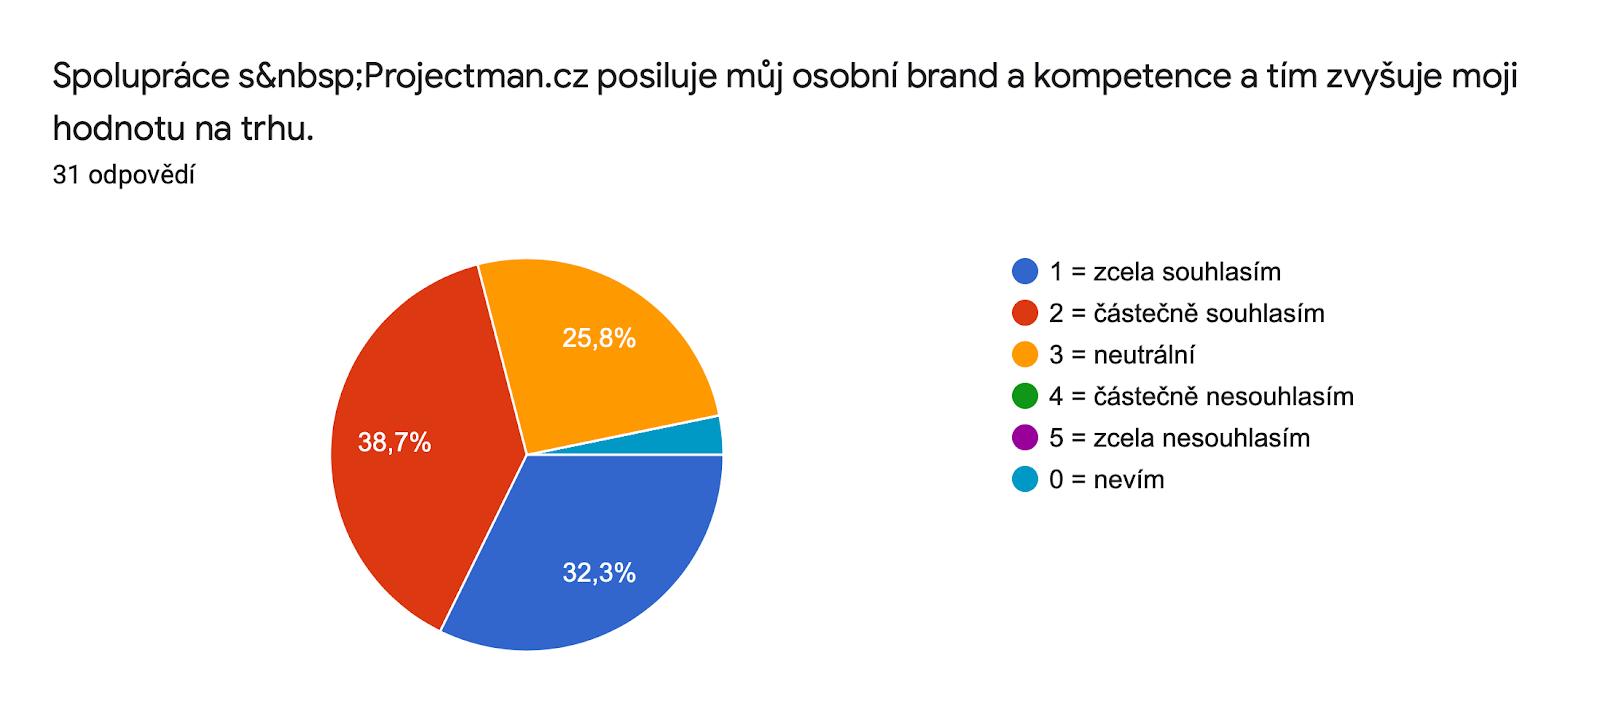 Graf odpovědí Formulářů. Název otázky: Spolupráce s Projectman.cz posiluje můj osobní brand a kompetence a tím zvyšuje moji hodnotu na trhu.. Počet odpovědí: 31 odpovědí.